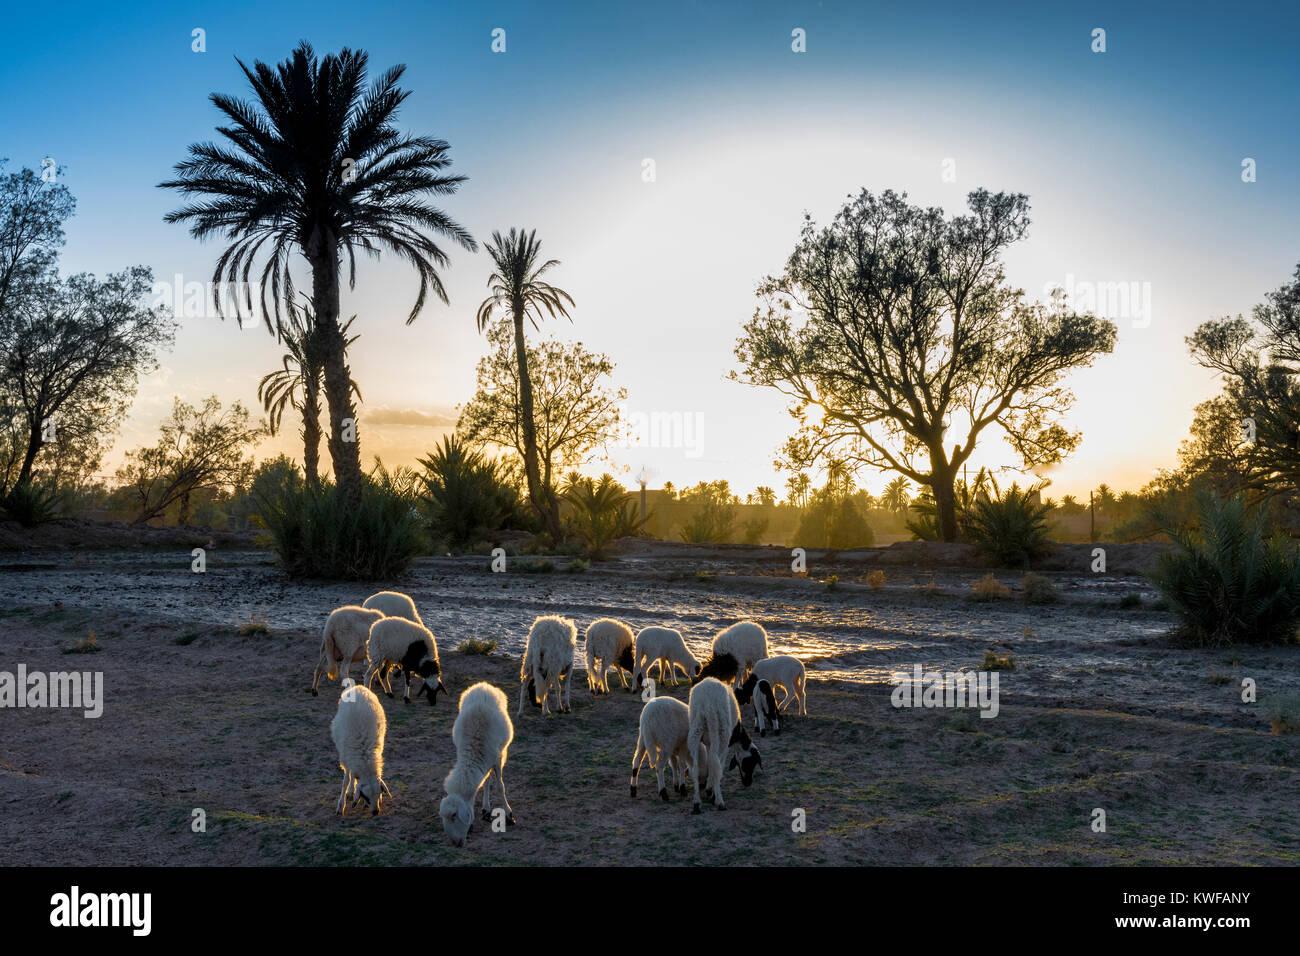 Ovejas pastando en idílicos alrededores de Kasbah al atardecer. Imagen De Stock